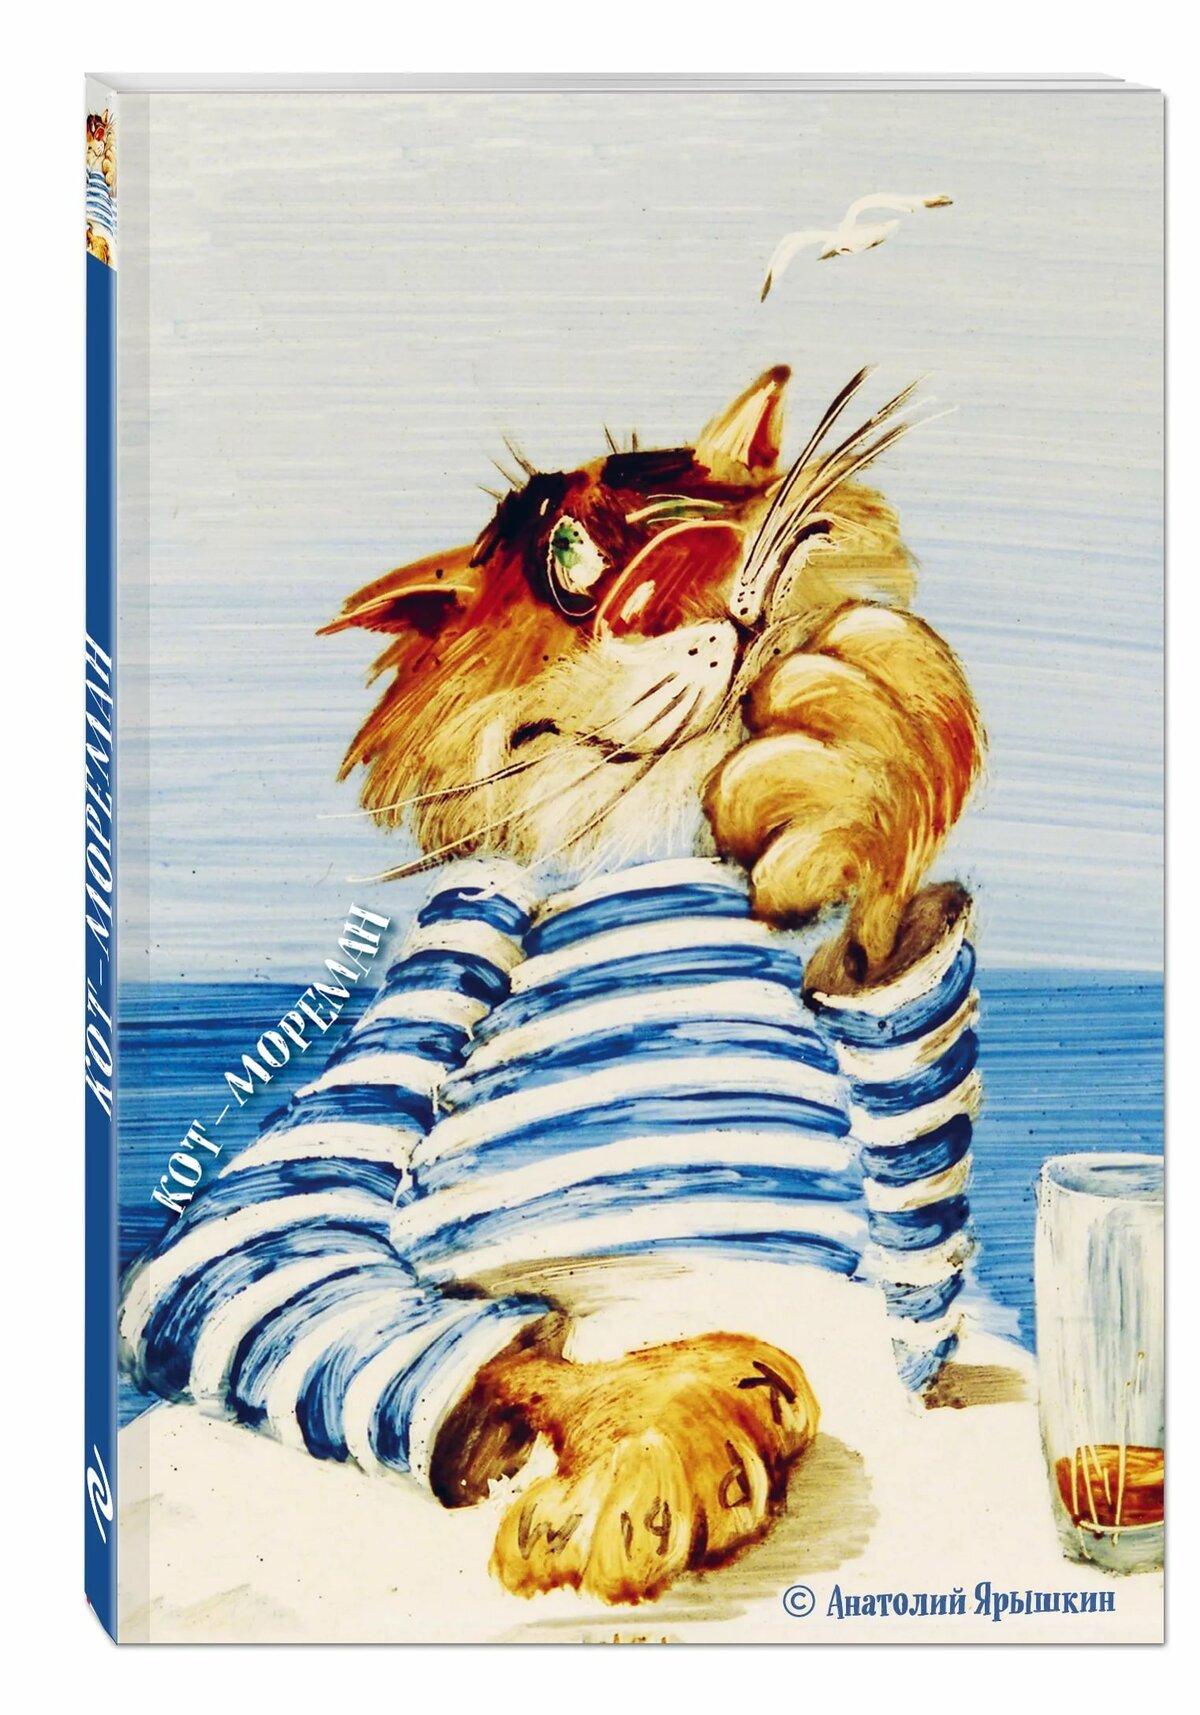 Картинки, прикольные рисунки моряка